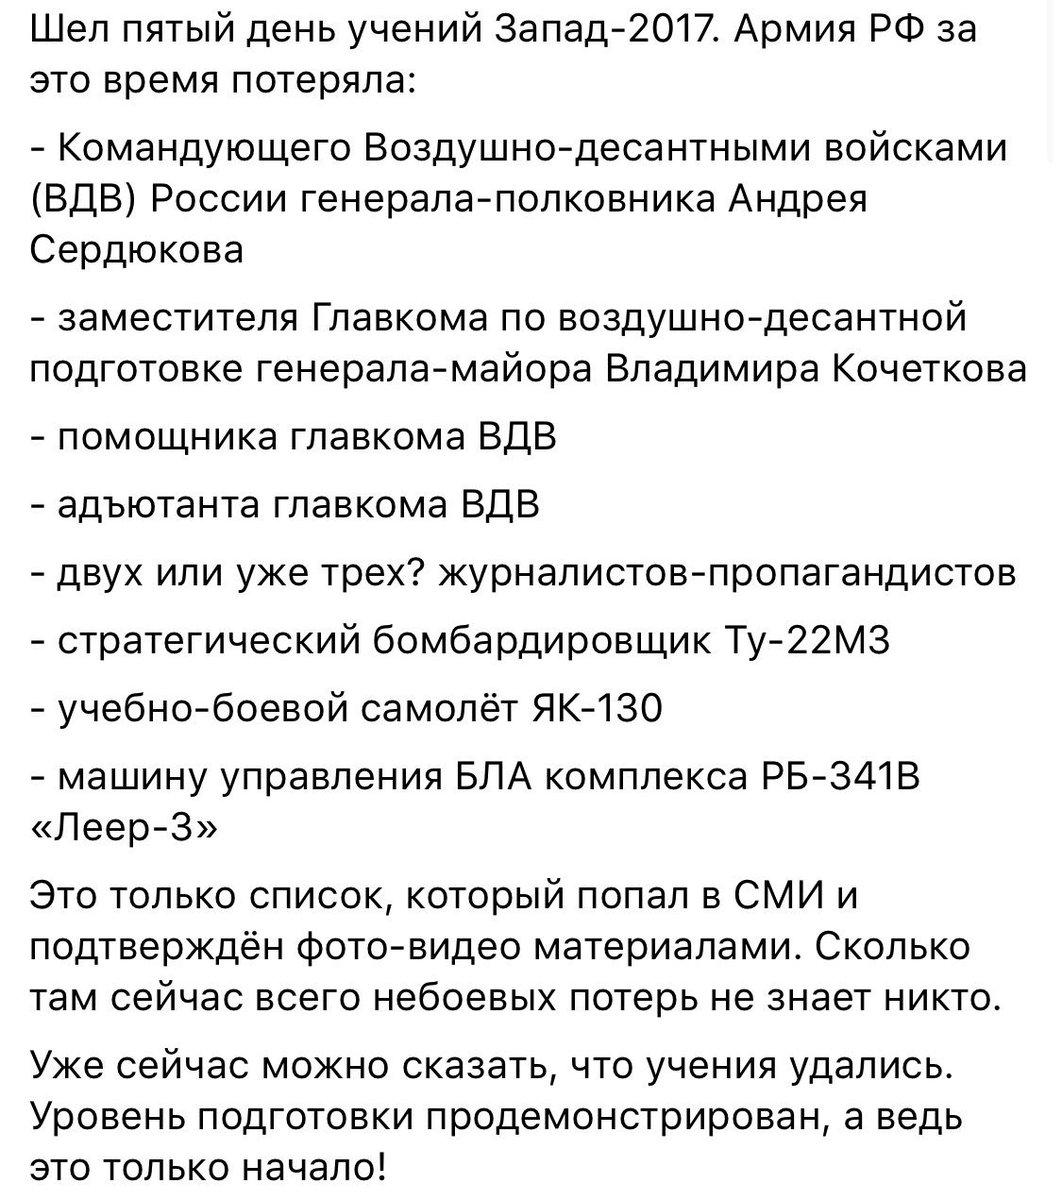 Россия планирует военные шаги против Беларуси, если политическая ситуация там изменится, - глава Сил обороны Эстонии - Цензор.НЕТ 3183